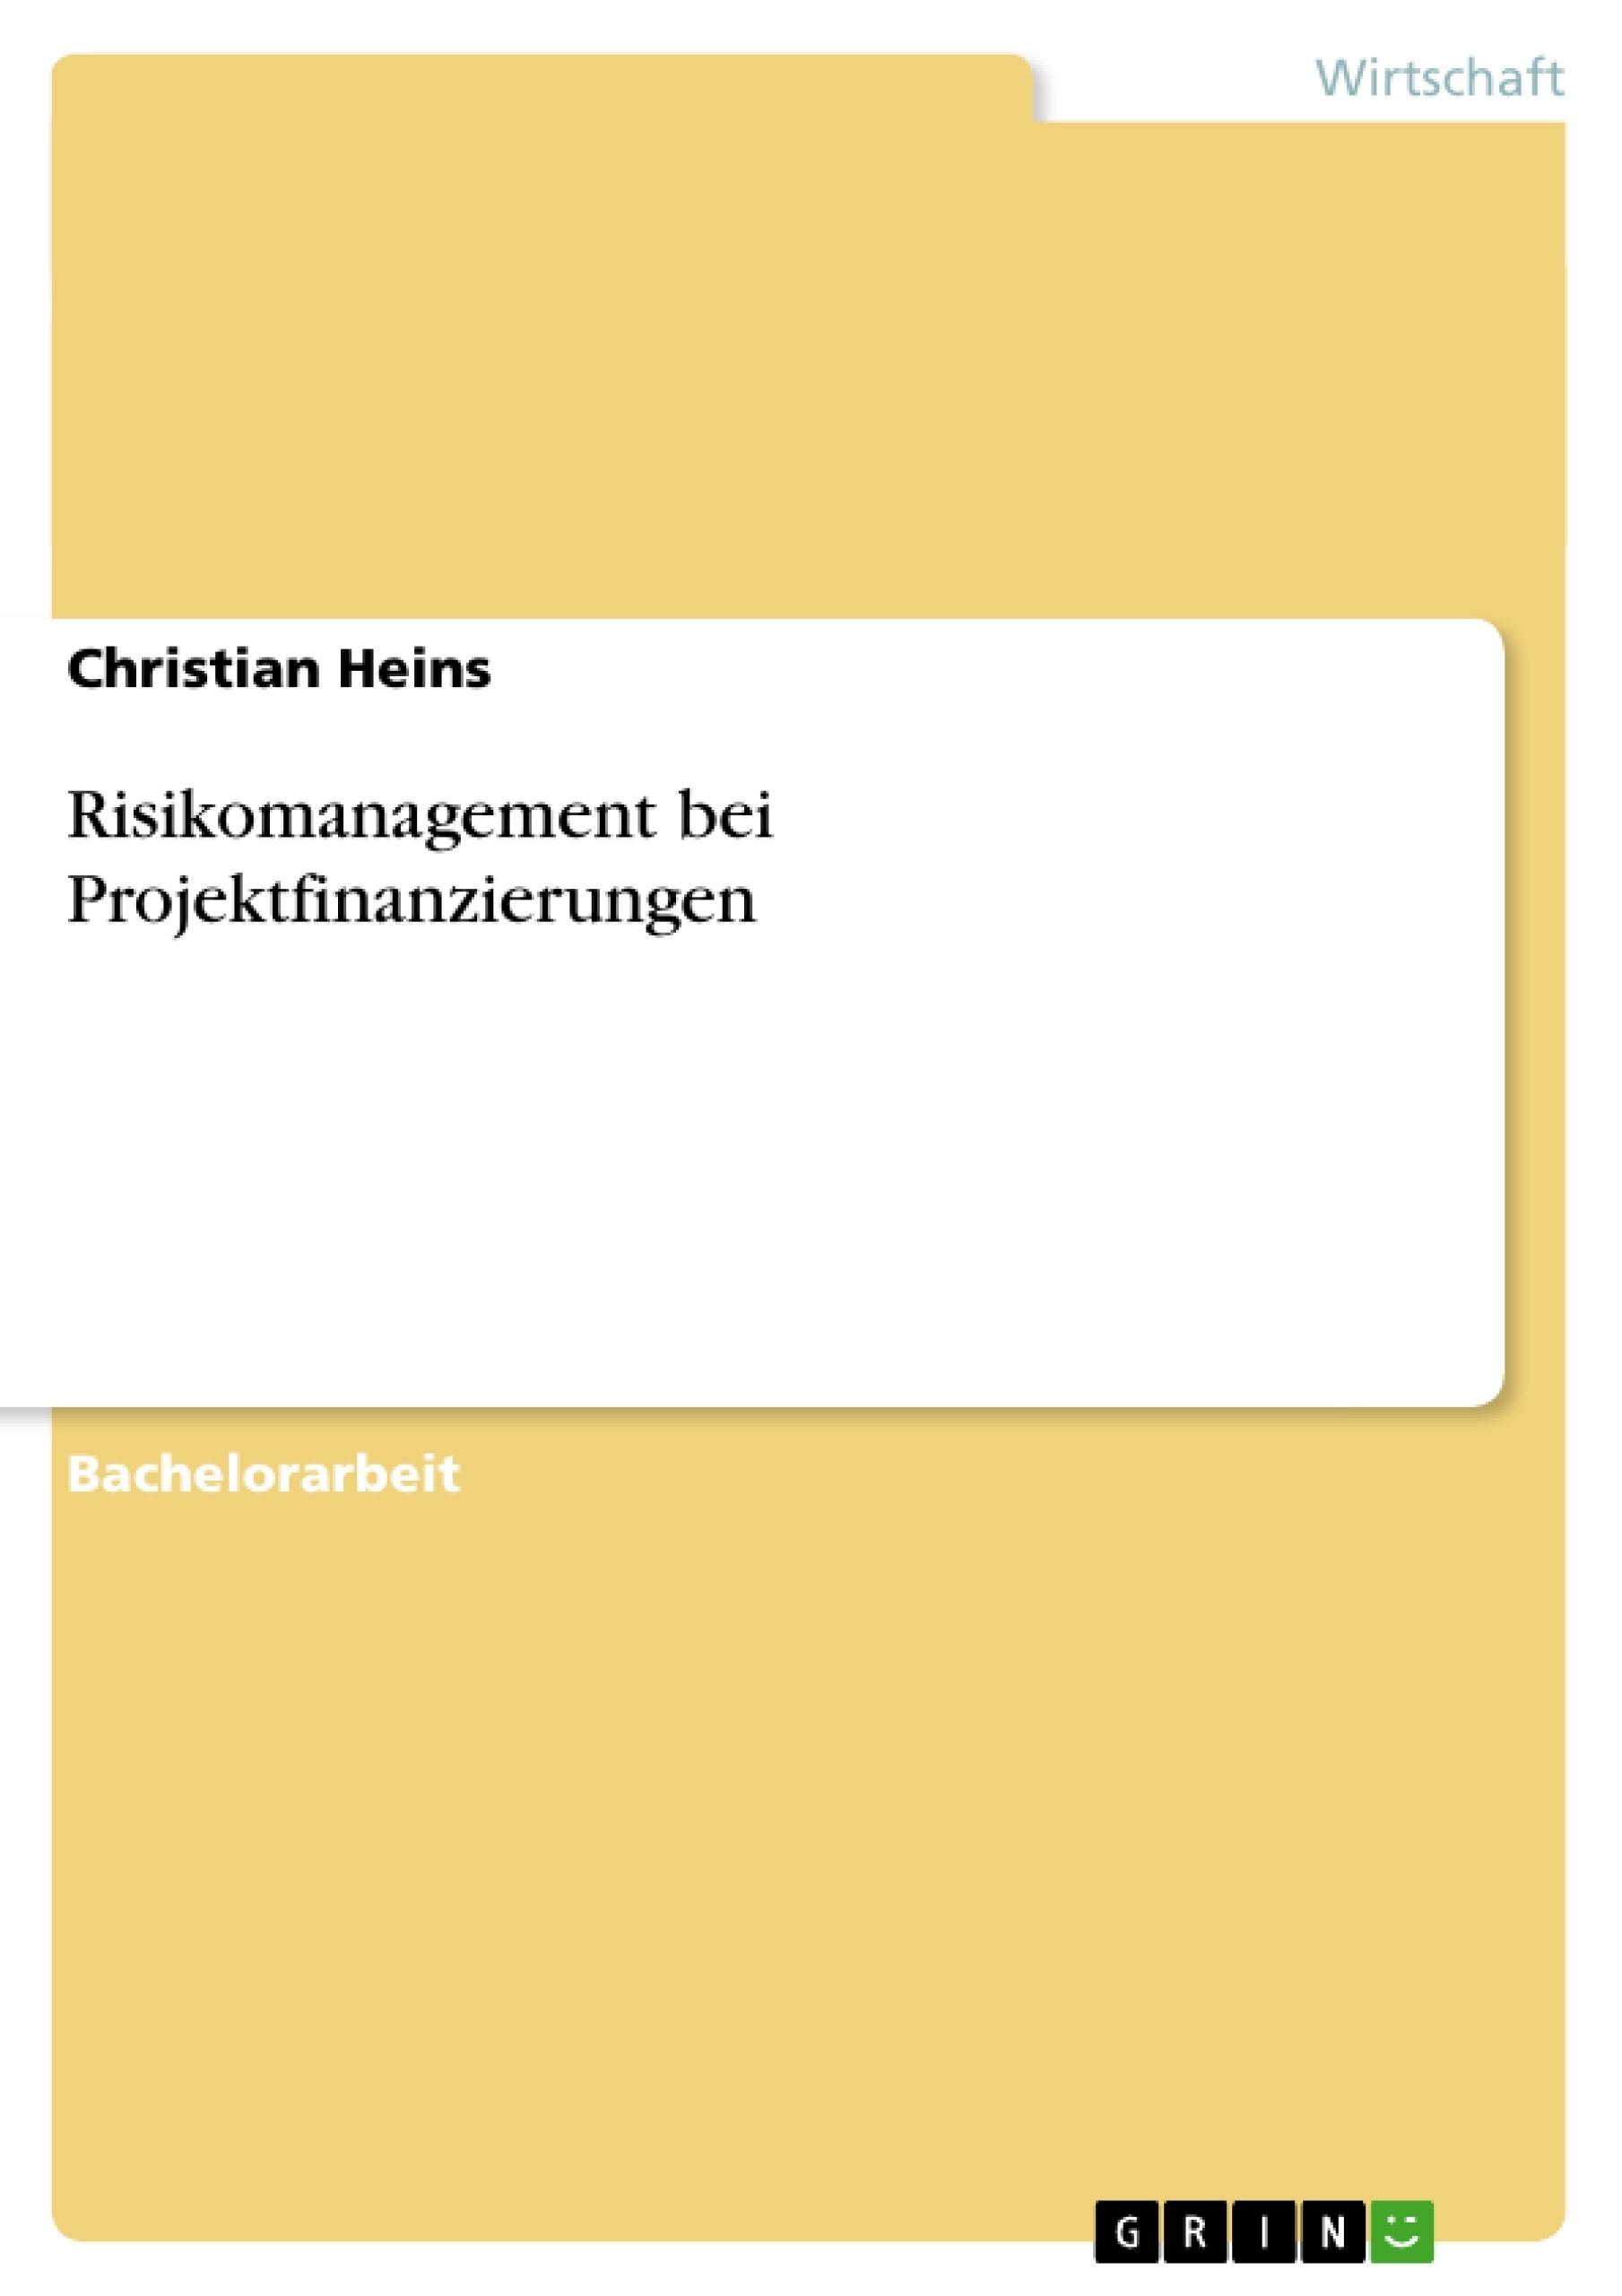 Titel: Risikomanagement bei Projektfinanzierungen